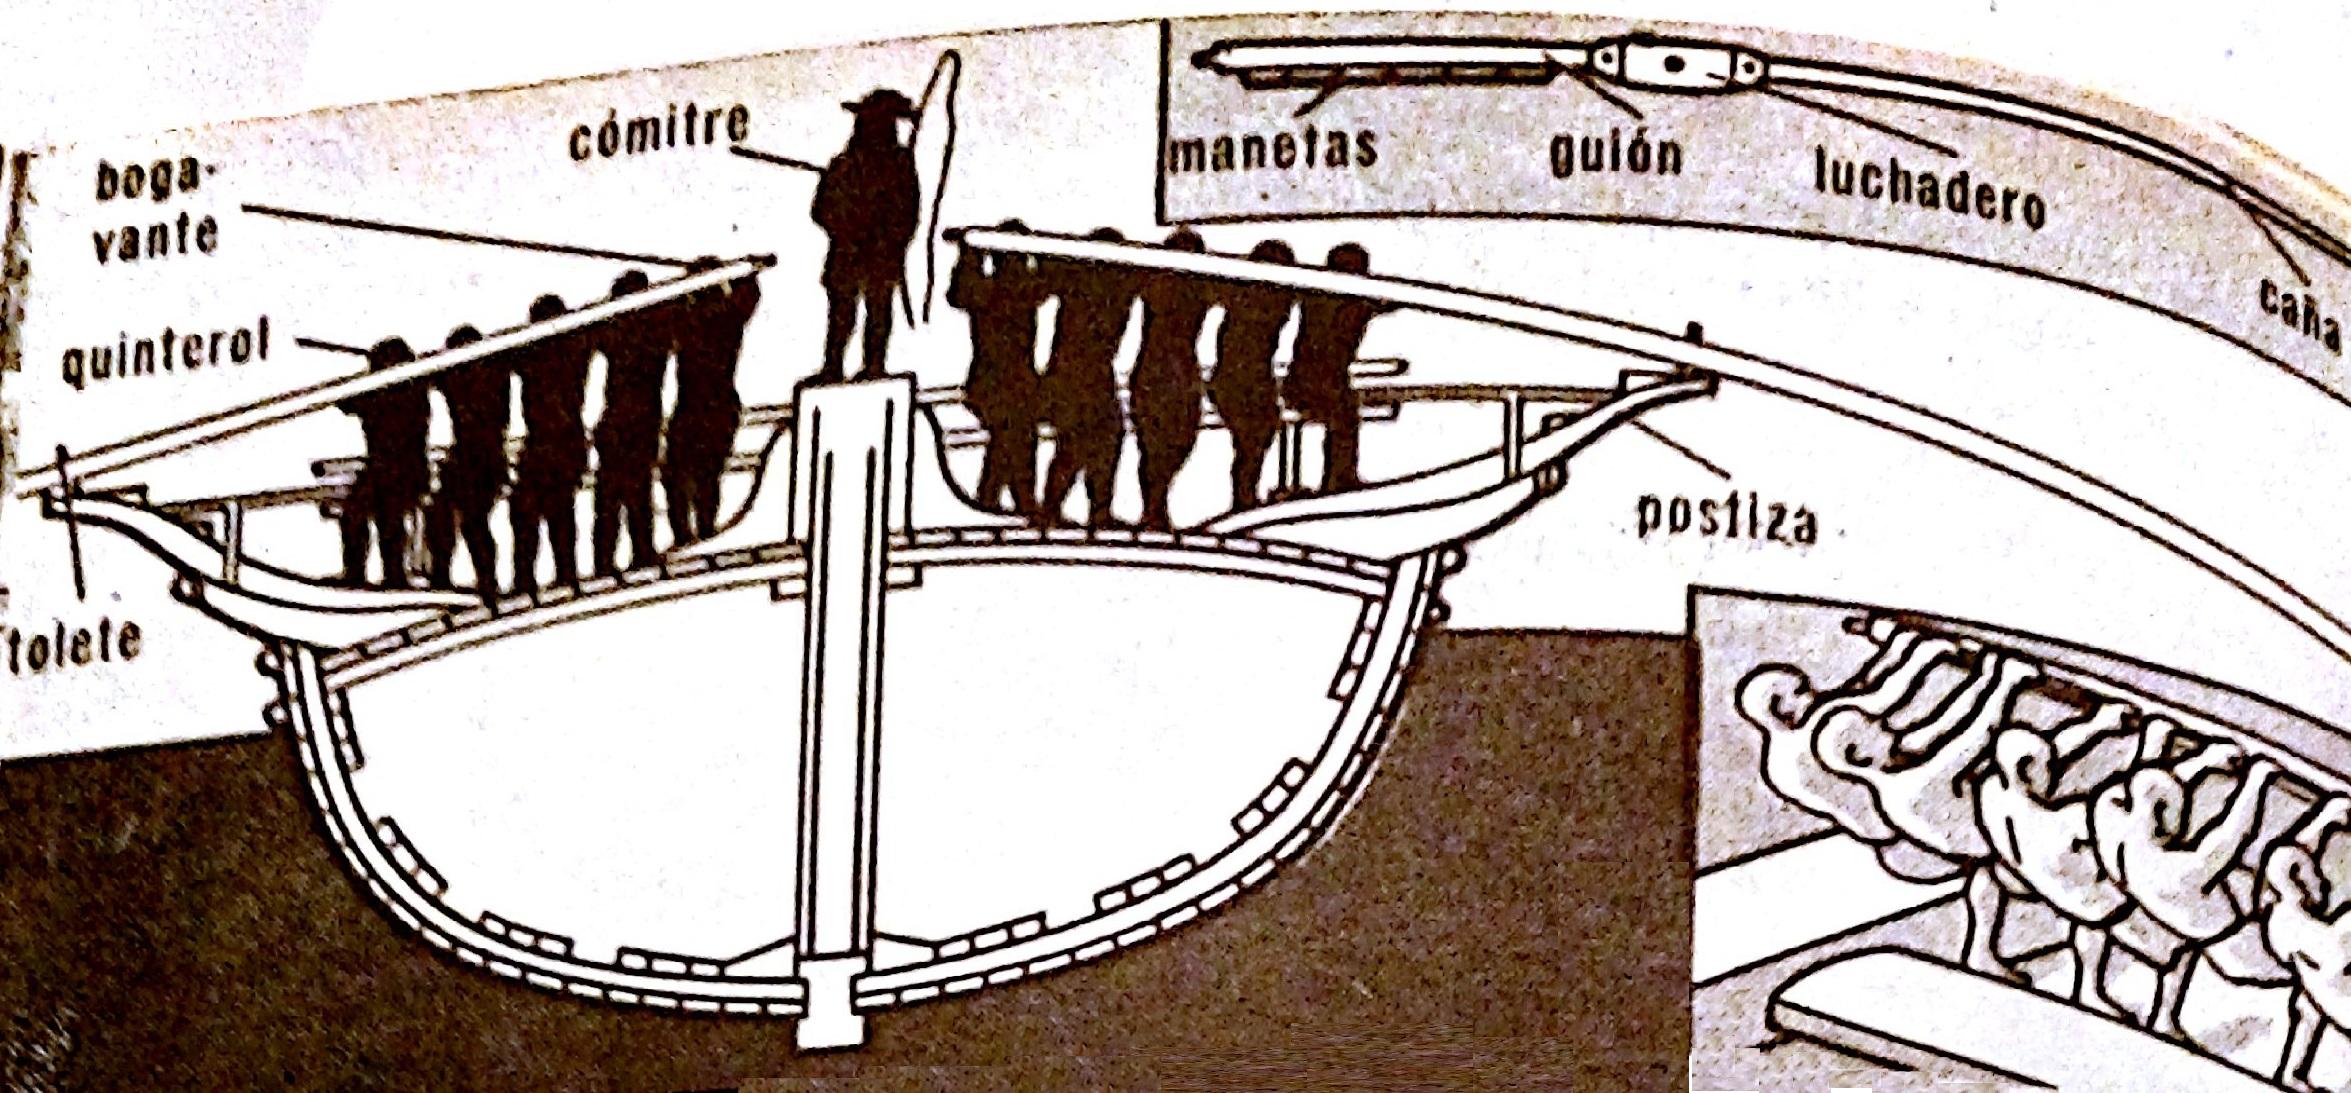 corte transversal de la galera con detalles del remo